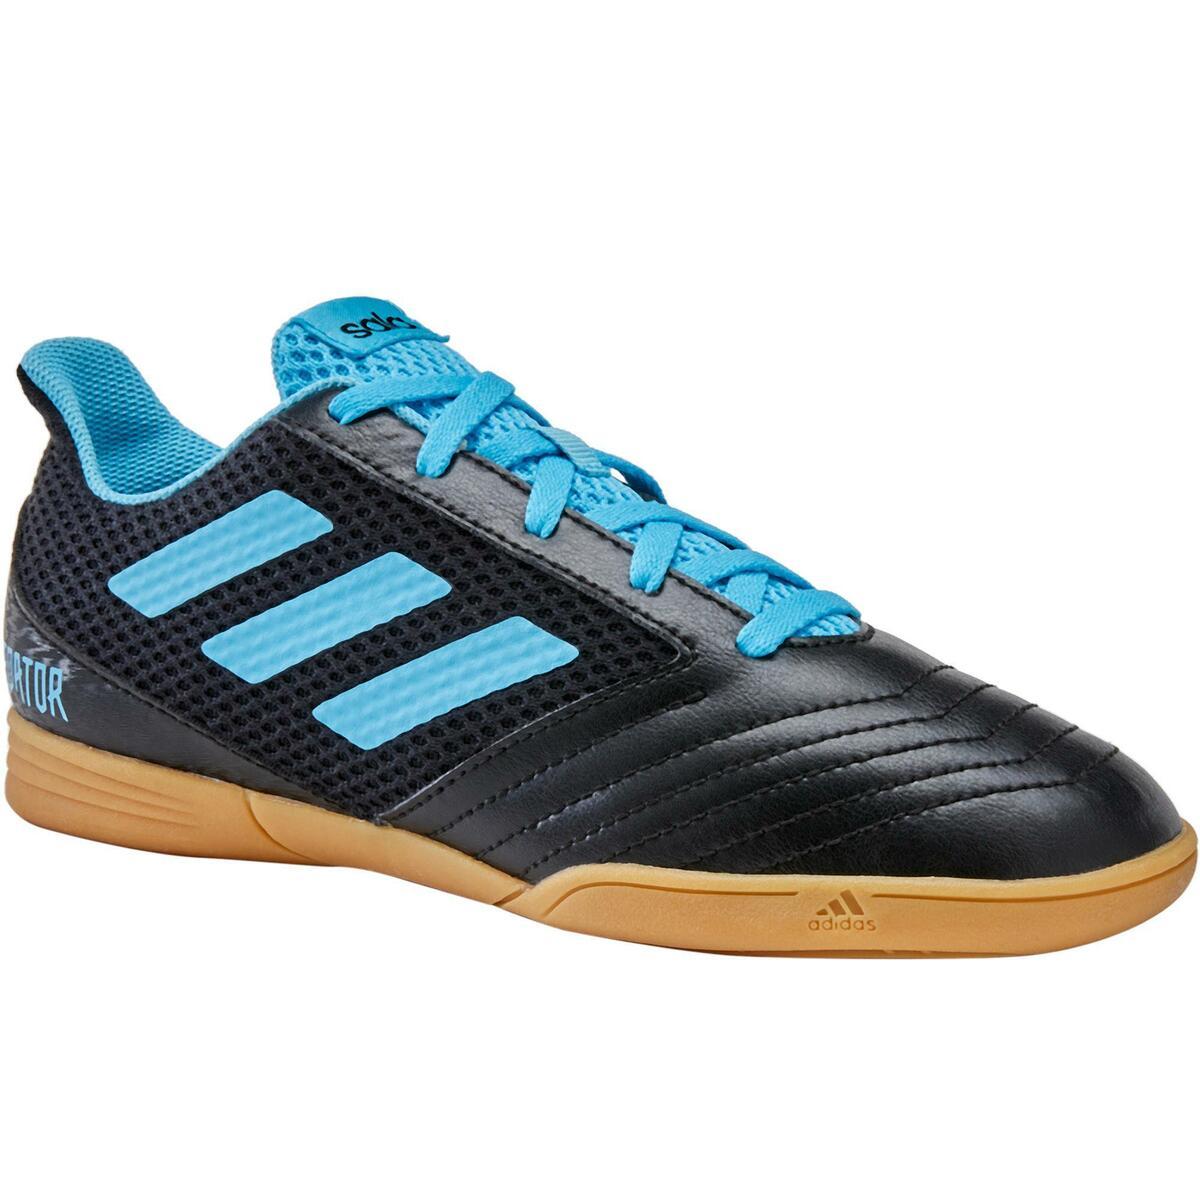 Bild 1 von Hallenschuhe Futsal Fußball Predator schwarz/blau